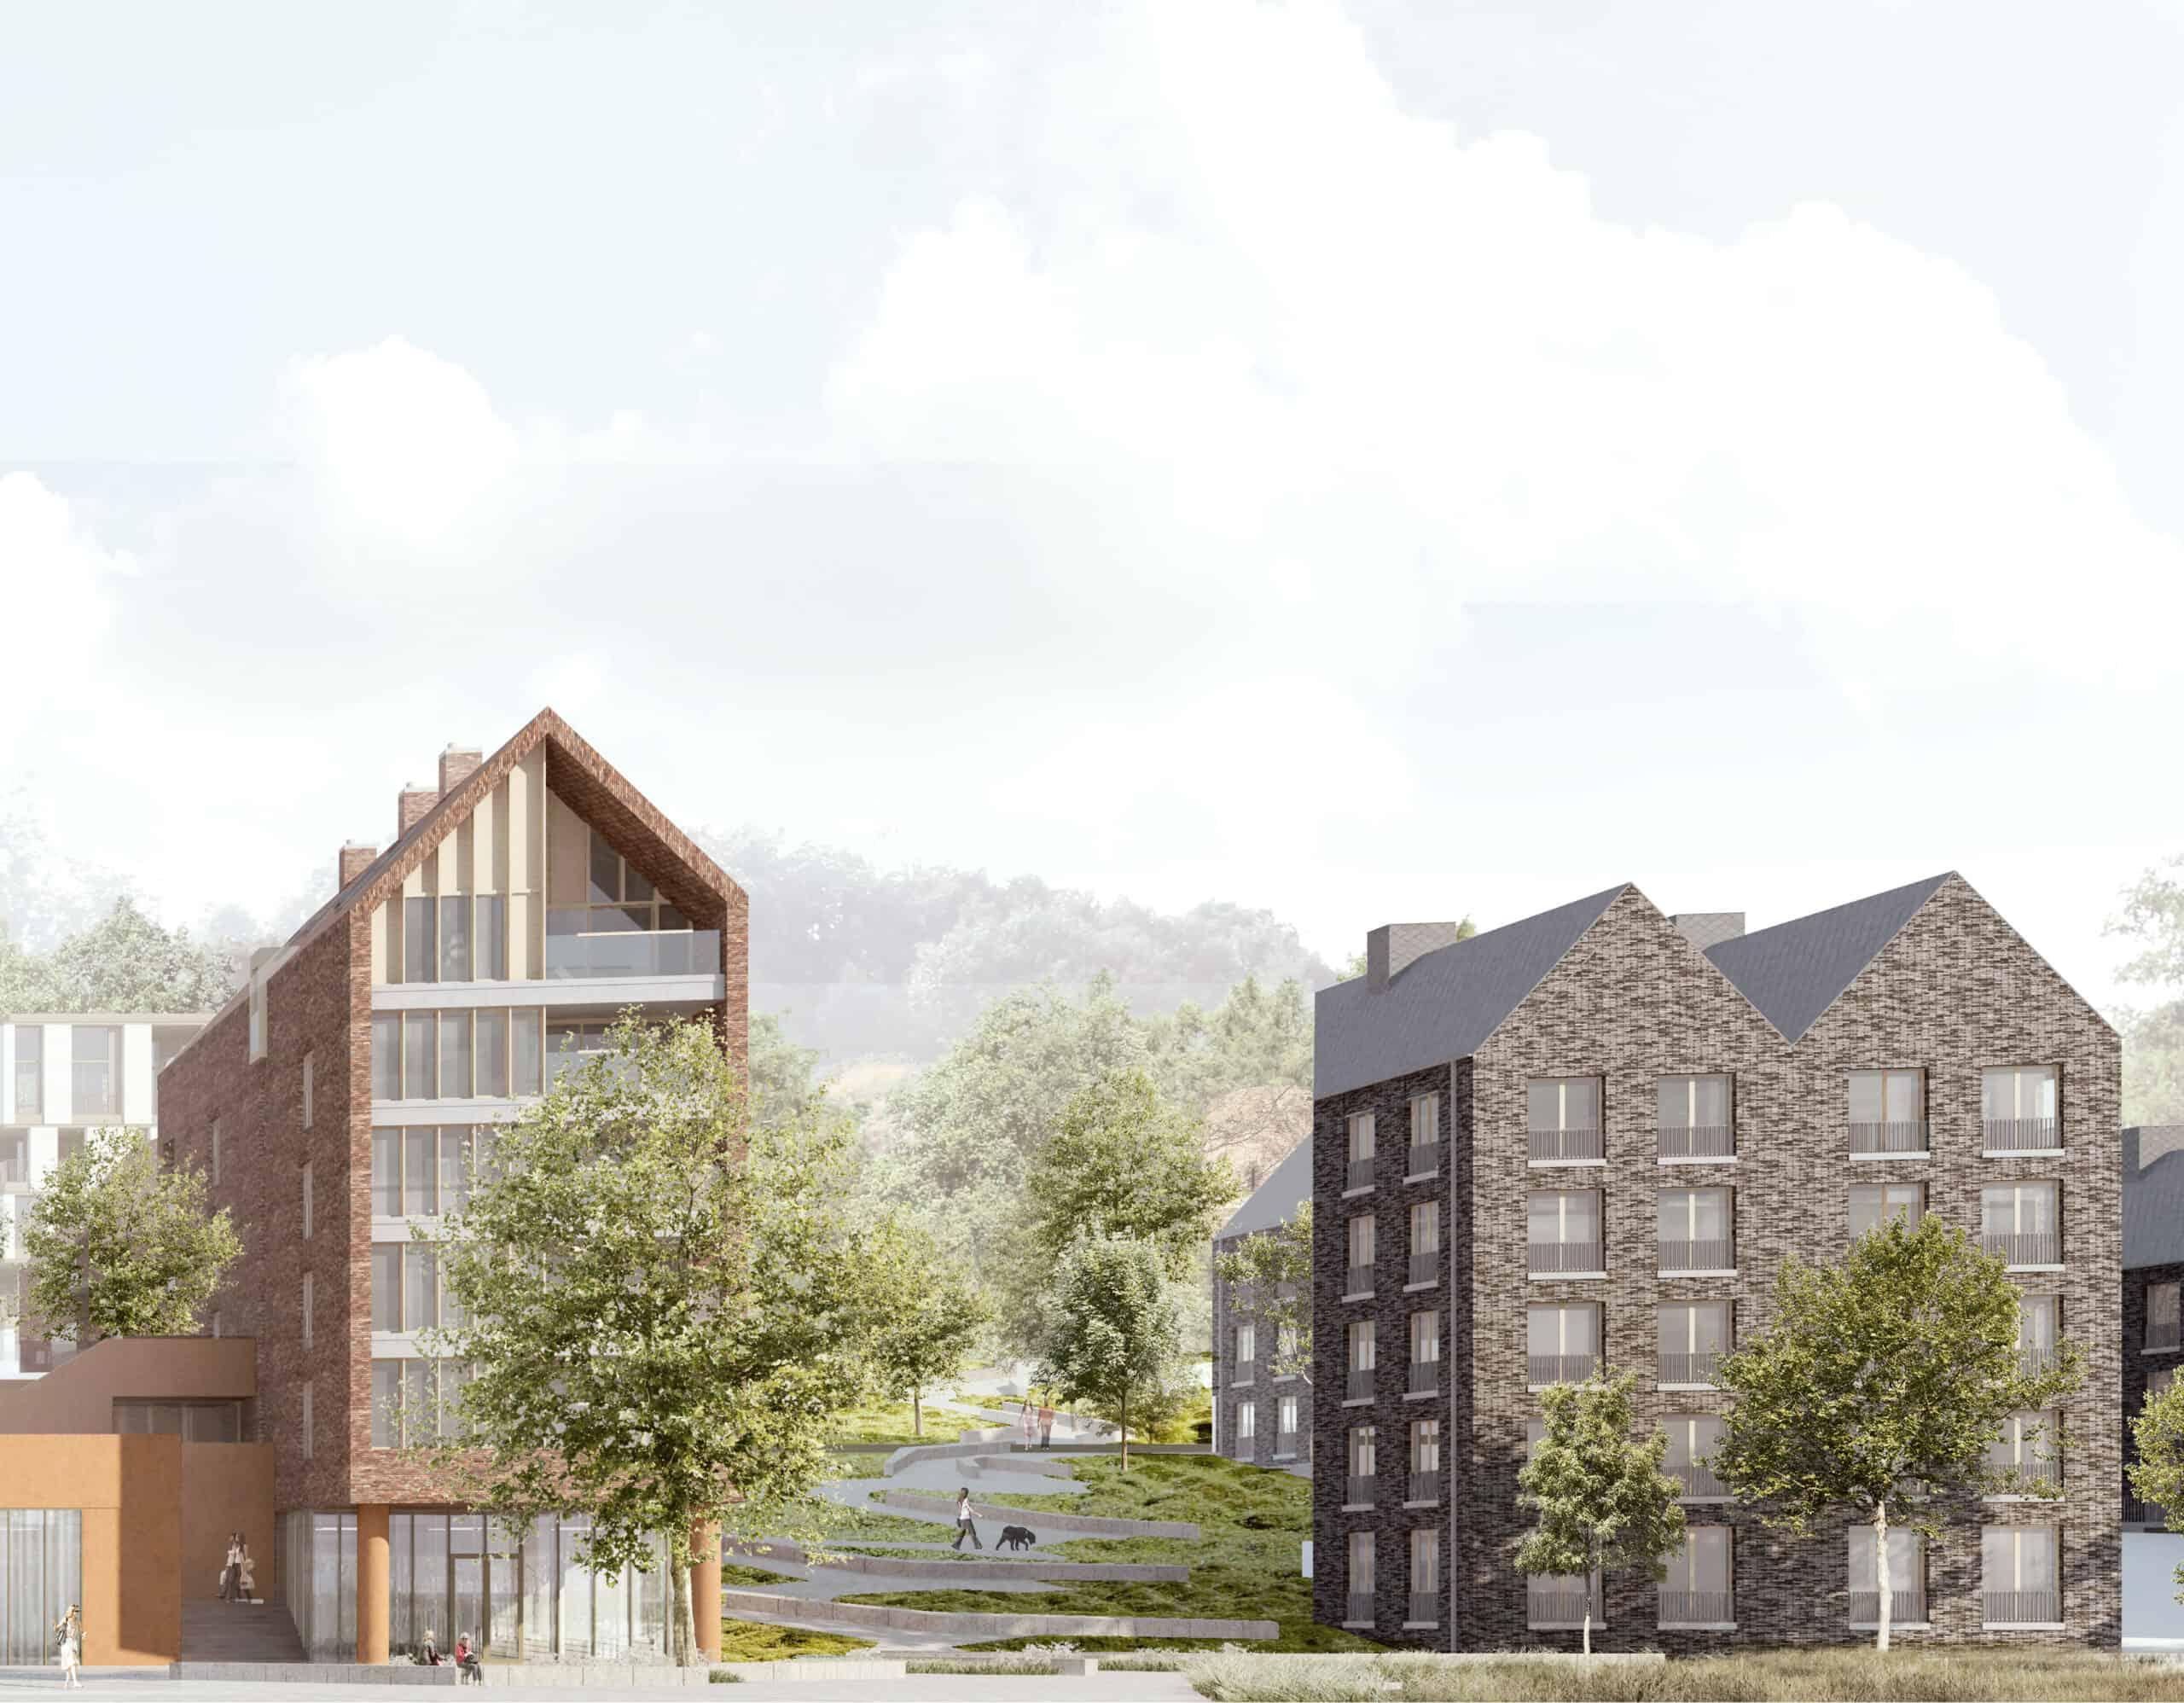 Vergunning nieuwbouwproject De Torens